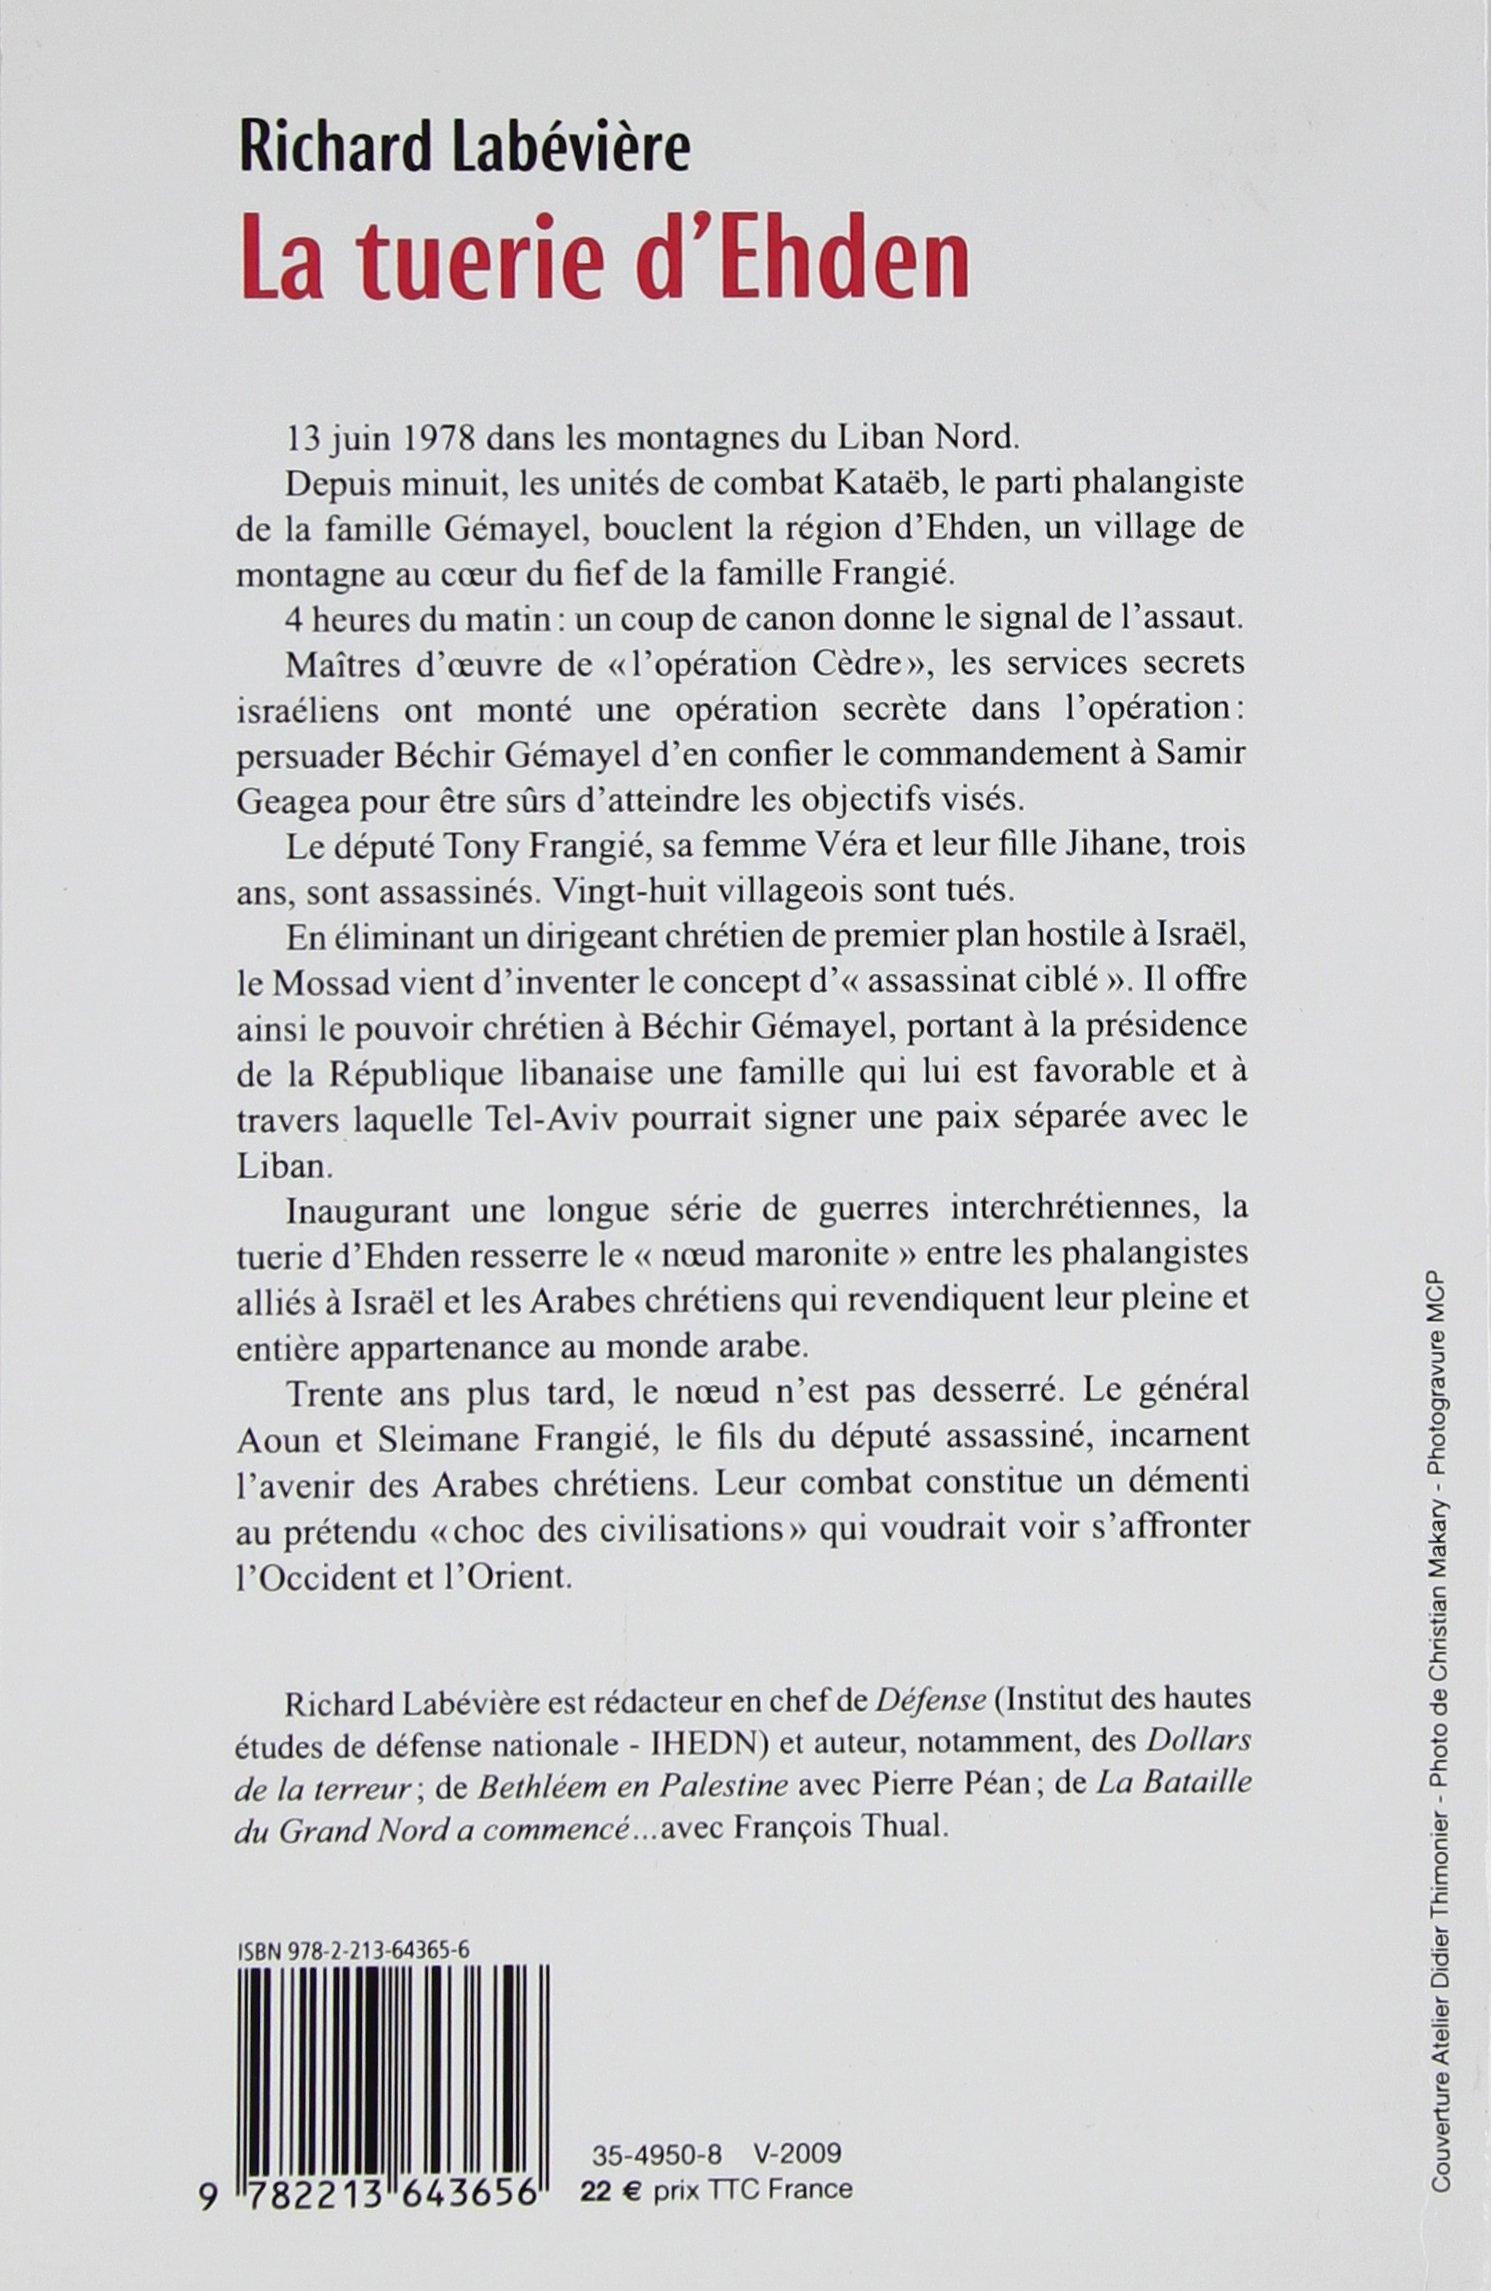 64365 - Coins Pour Femmes / Rafraîchissement Noir uinZH0Upg